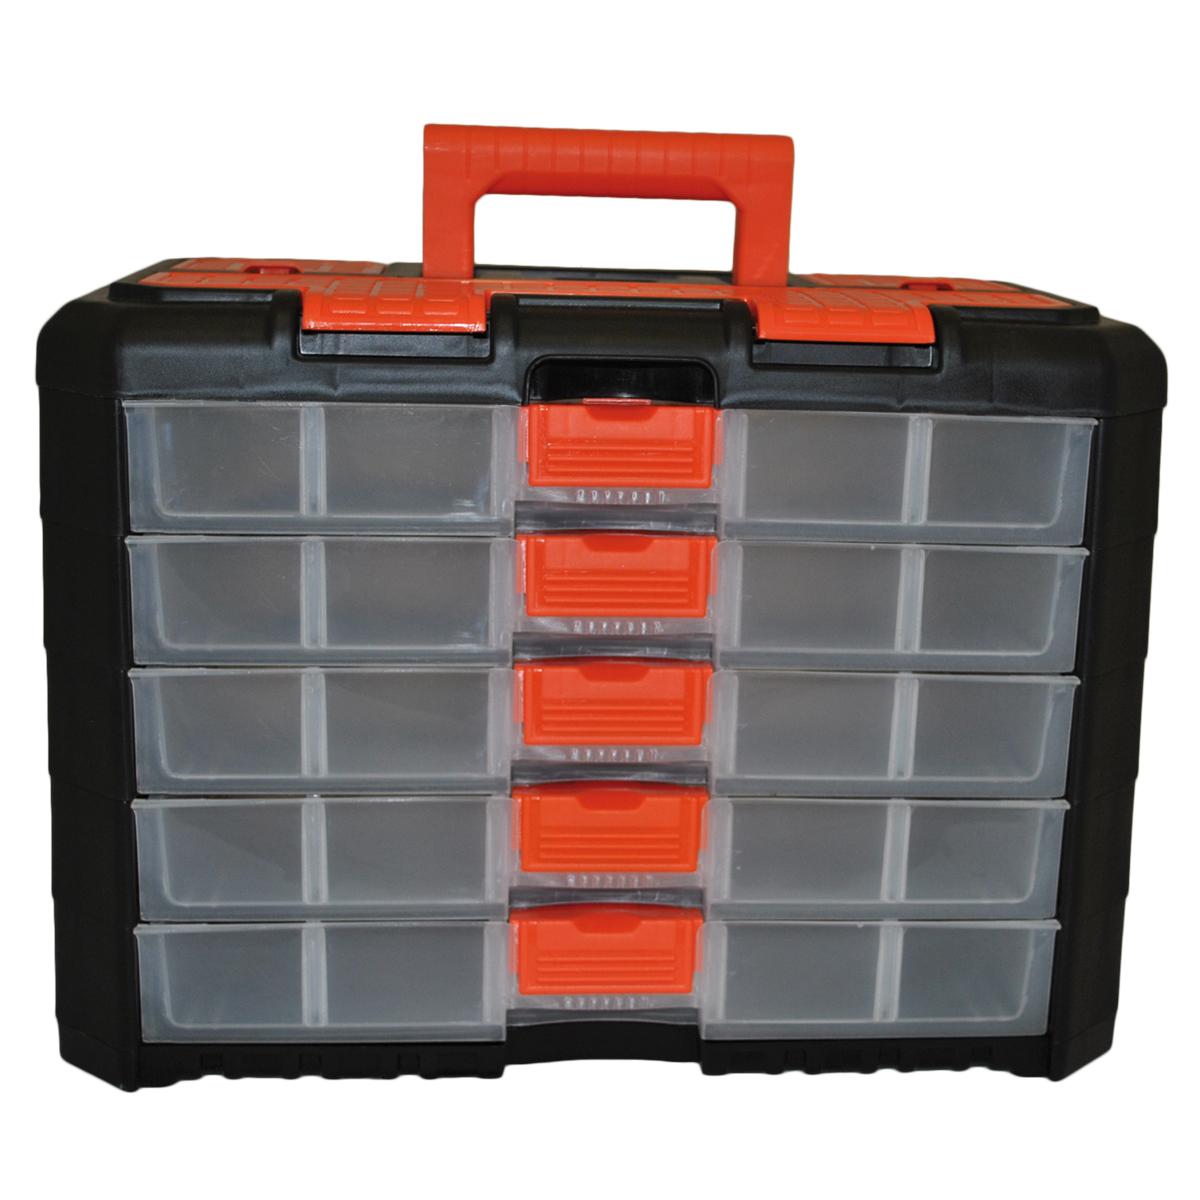 Органайзер для мелочей Blocker Grand, цвет: черный, оранжевый, 400 х 219 х 287 ммBR3738ЧРОРУниверсальный сет для мелочей с ручкой для переноски. Секции фиксируются замками, которые надежно защищают от случайного открывания. Внутри секции разделены съемными перегородками, что позволяет организовать внутреннее пространство в зависимости от потребностей и делает сет пригодным для хранения не только мелочей, но и предметов средней величины. Встроенные секции на крышке подходят для хранения скобяных изделий.